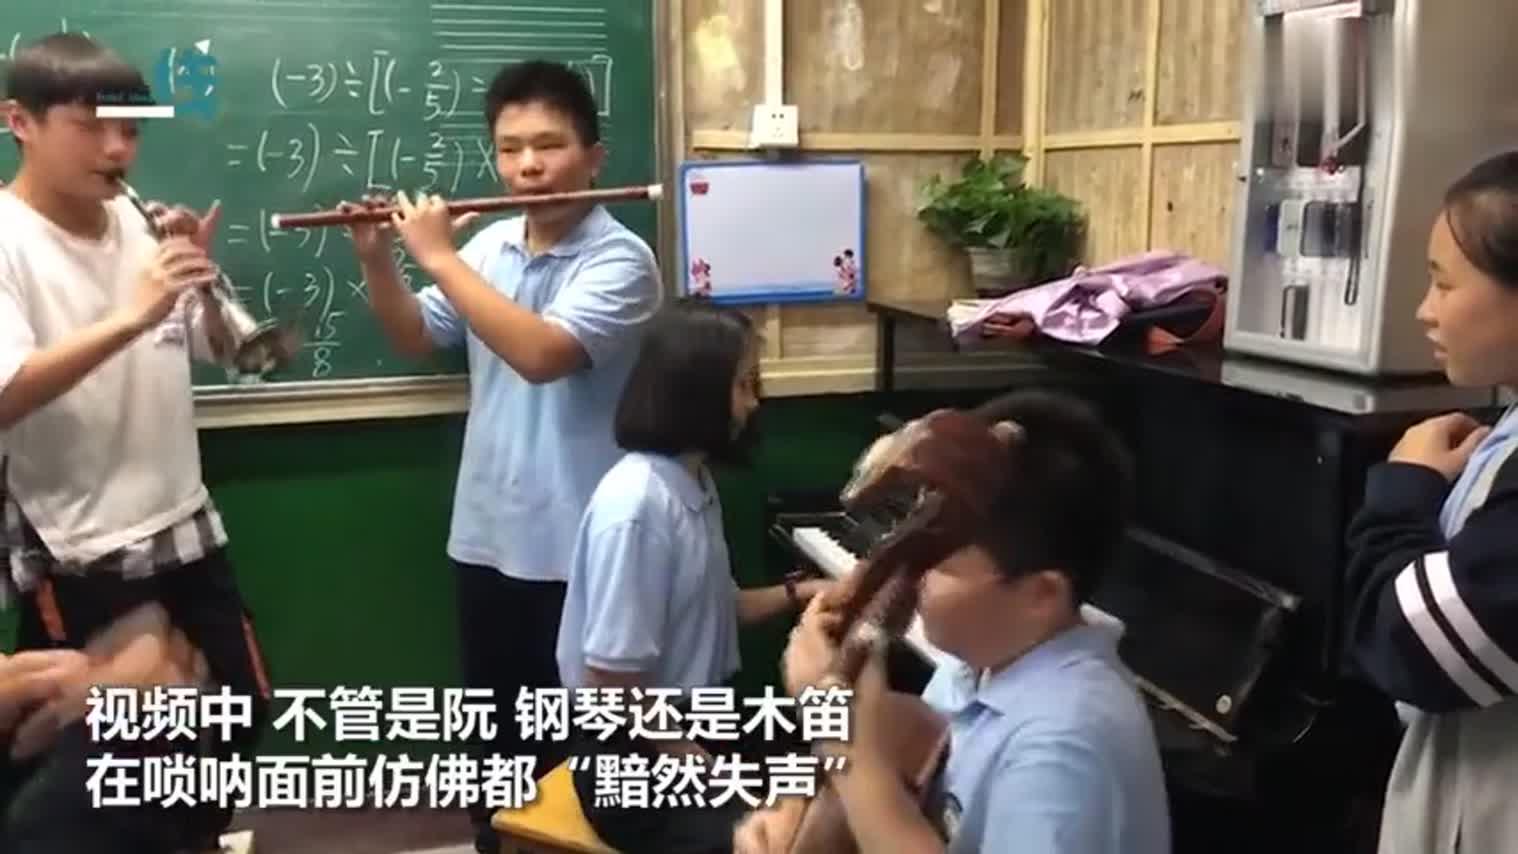 视频-学生实力演奏名曲 唢呐一出全场爆笑网友吐槽